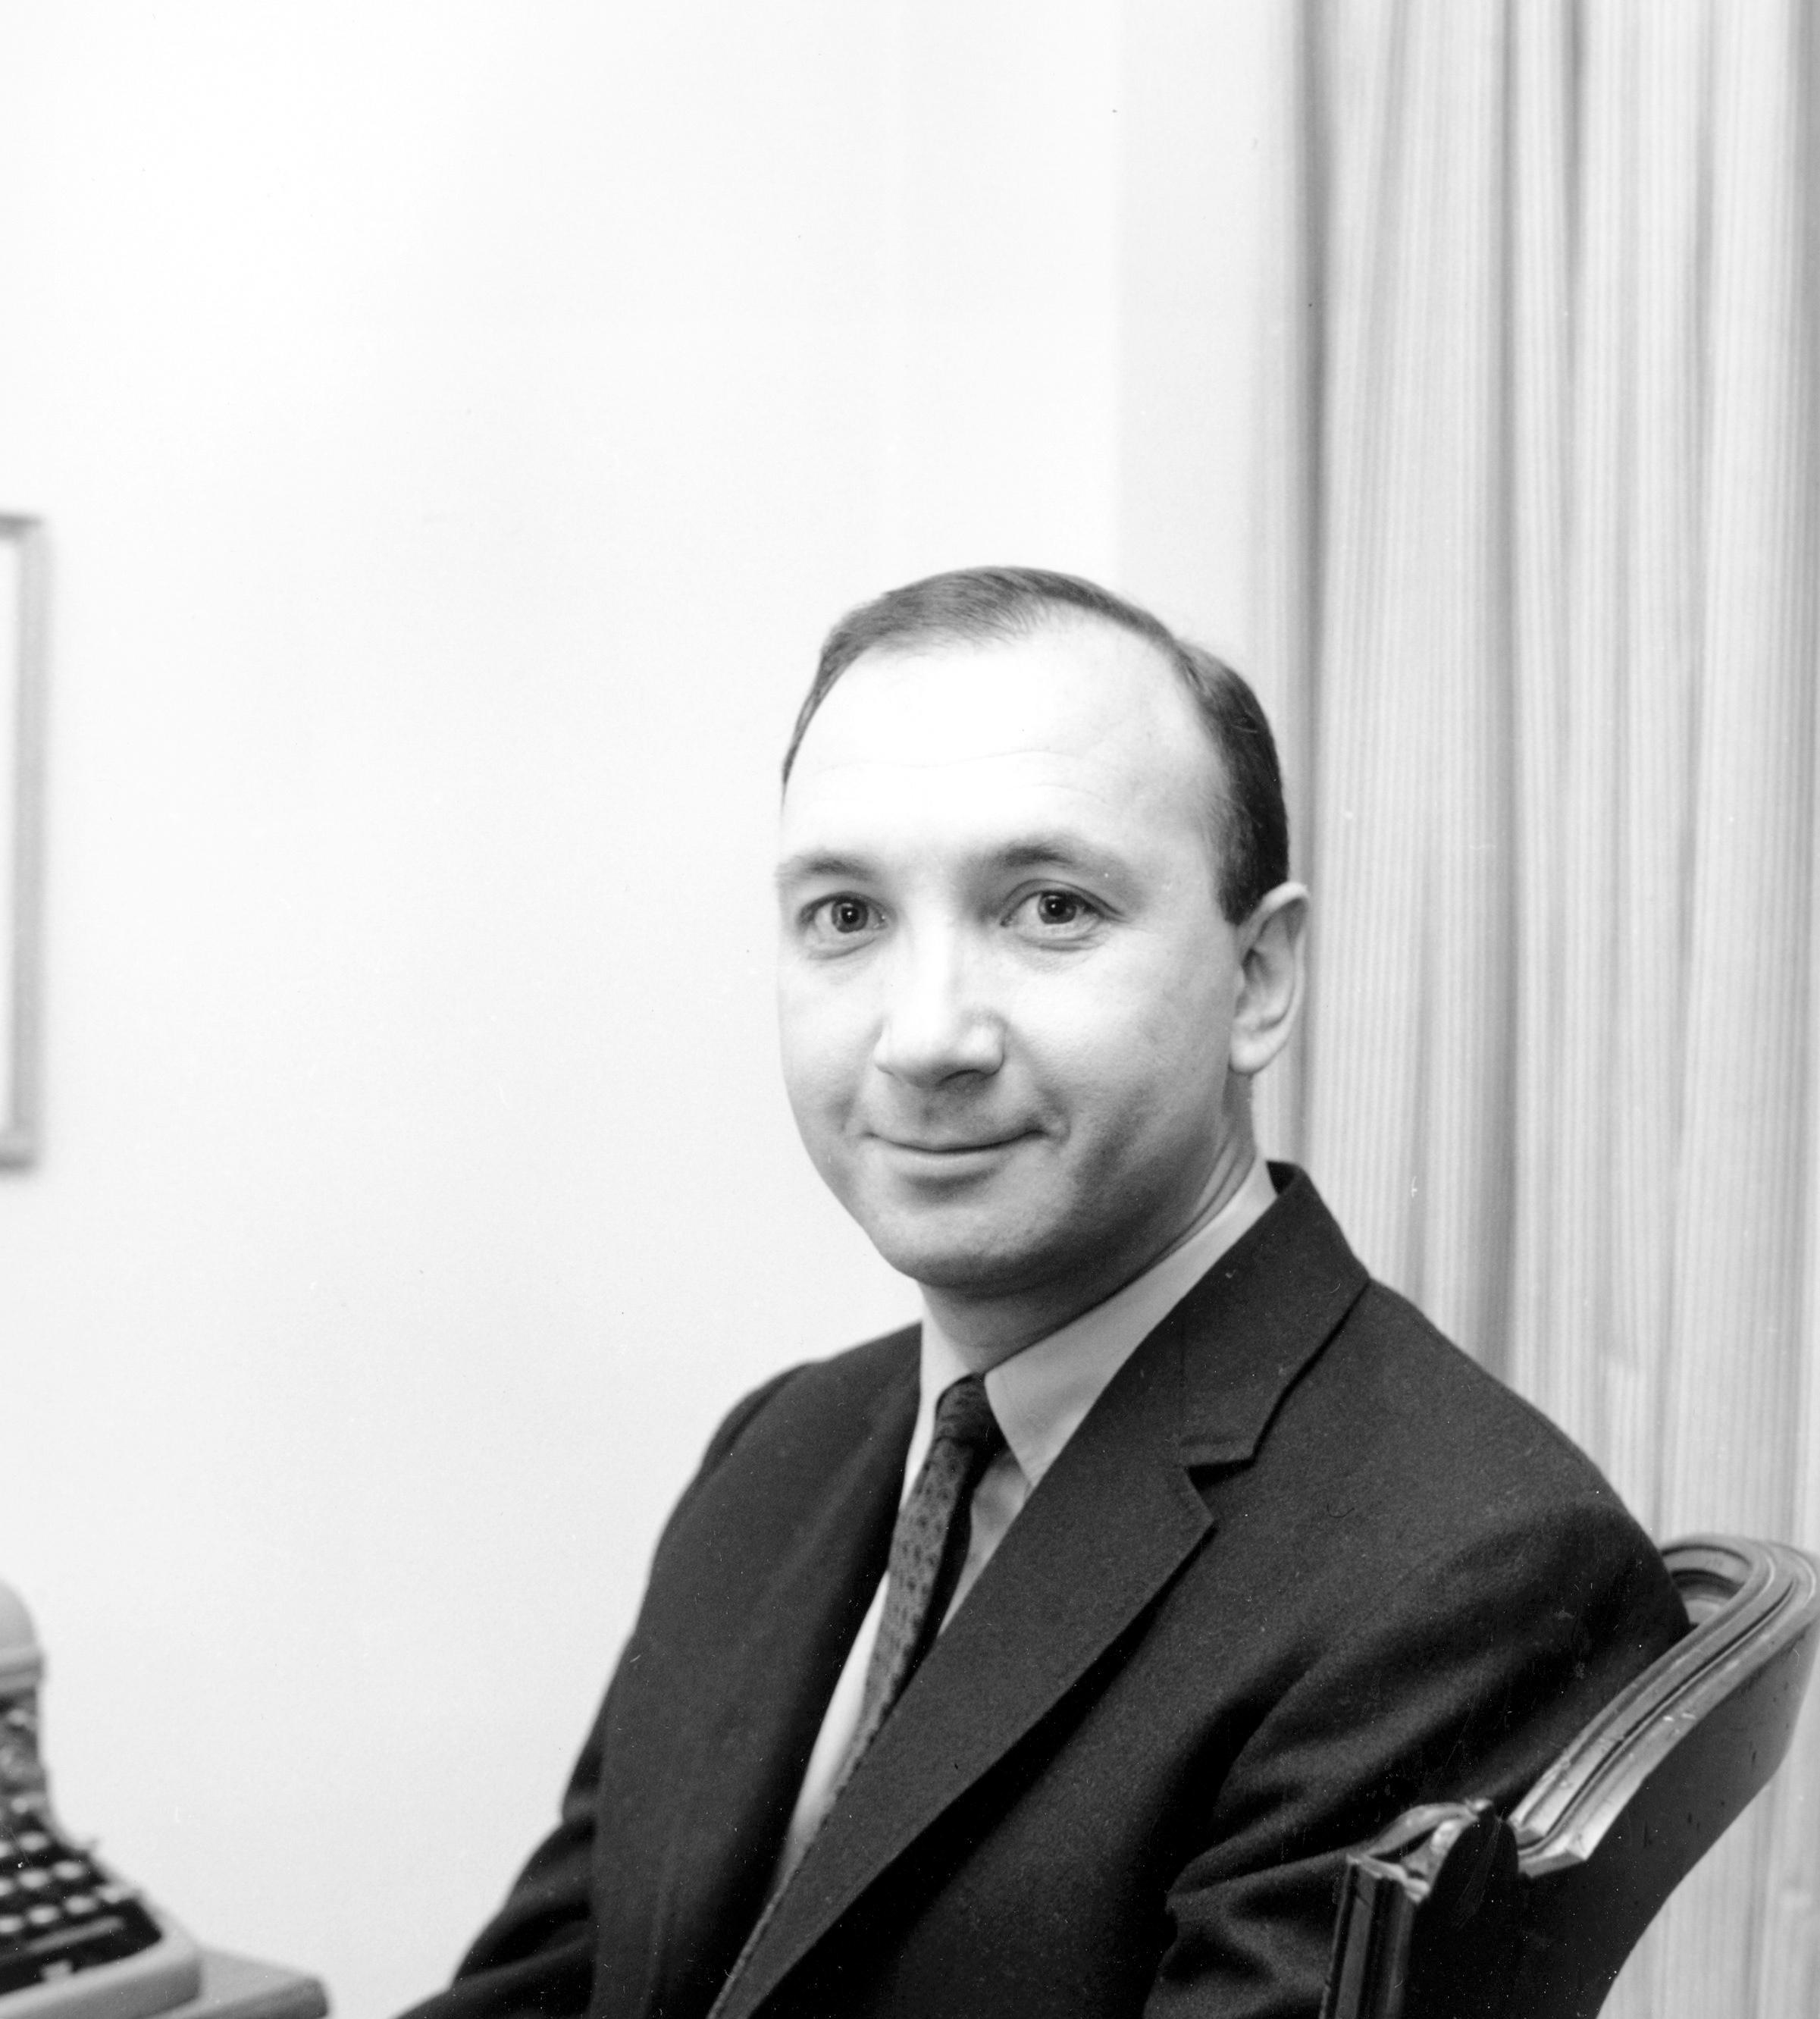 Simon Neil